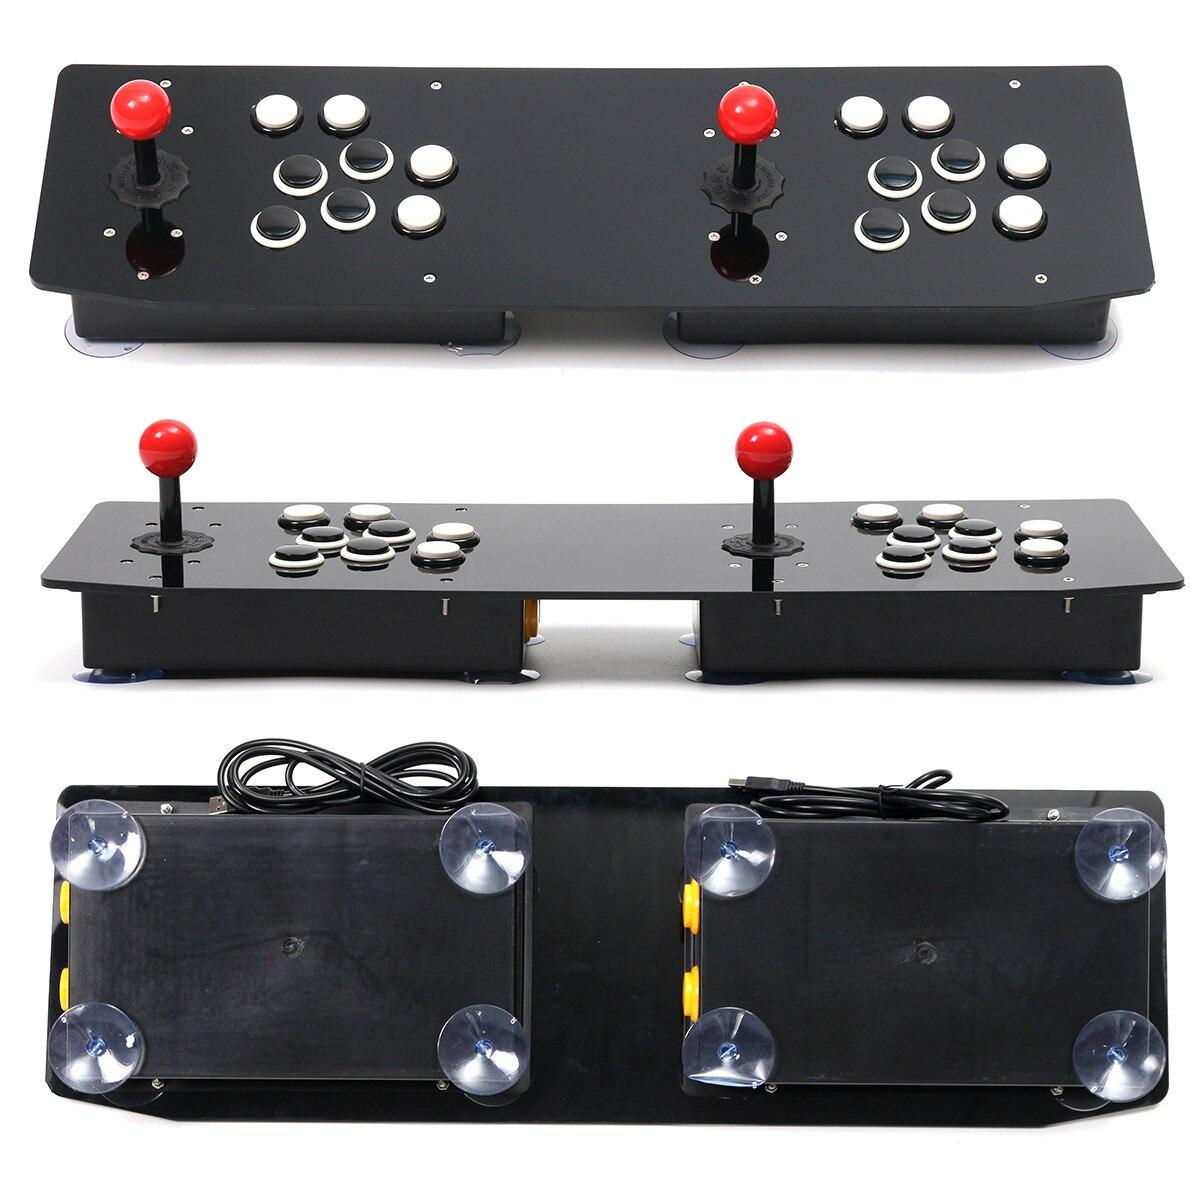 Double bâton d'arcade jeu vidéo manette contrôleur Console PC USB 2 joueurs ordinateur Machine de jeu vidéo jeu accessoires de jeu - 3